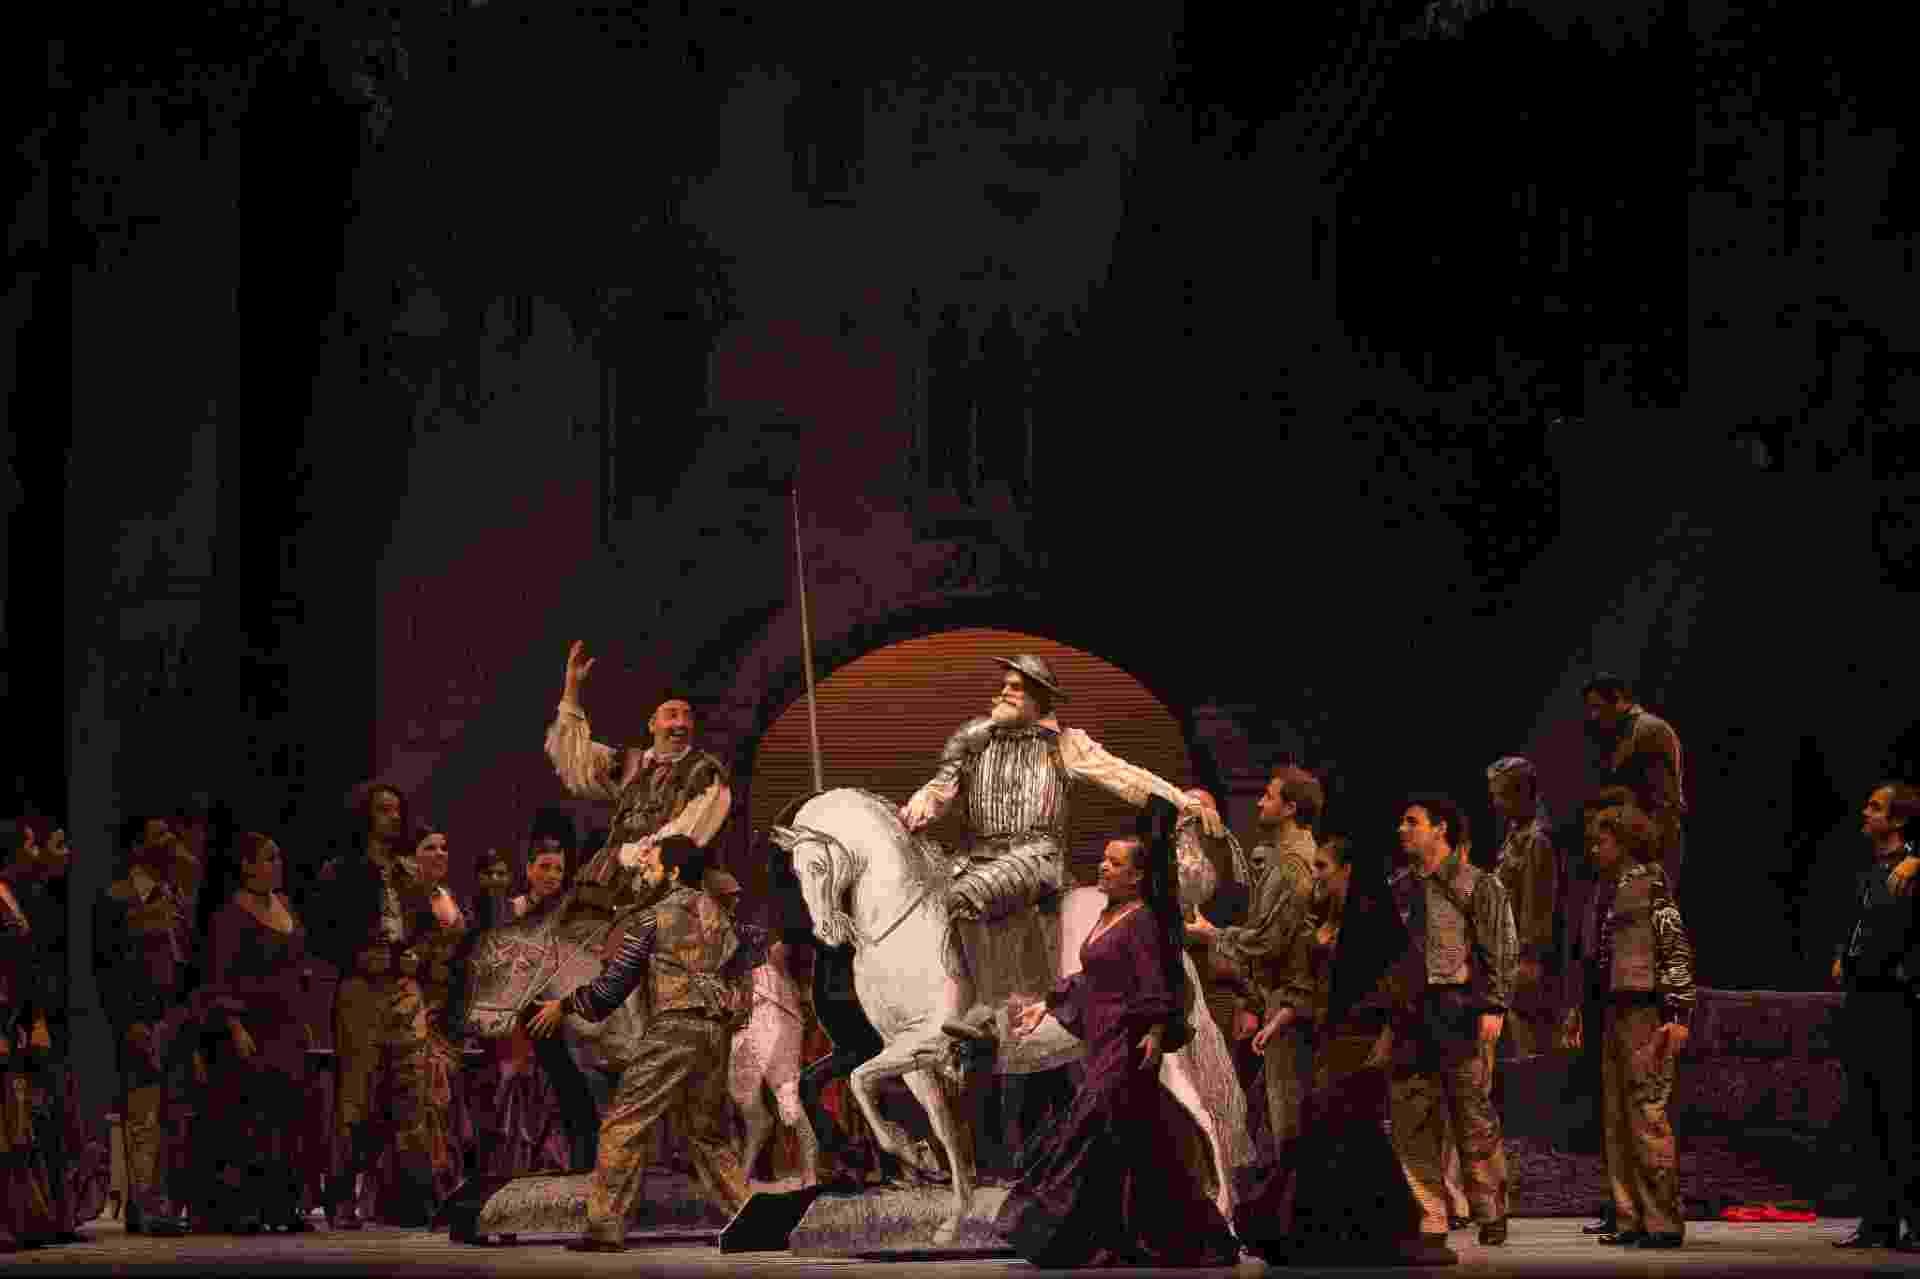 """O Theatro São Pedro, na região central de São Paulo, recebe a ópera """"Dom Quixote"""", de Jules Massenet, até o dia 13 de março de 2016. Com direção musical e regência de Luiz Fernando Malheiro, o espetáculo tem co-produção com o Theatro Municipal do Rio de Janeiro e é inspirado na obra de Miguel de Cervantes. - Heloisa Bortz"""